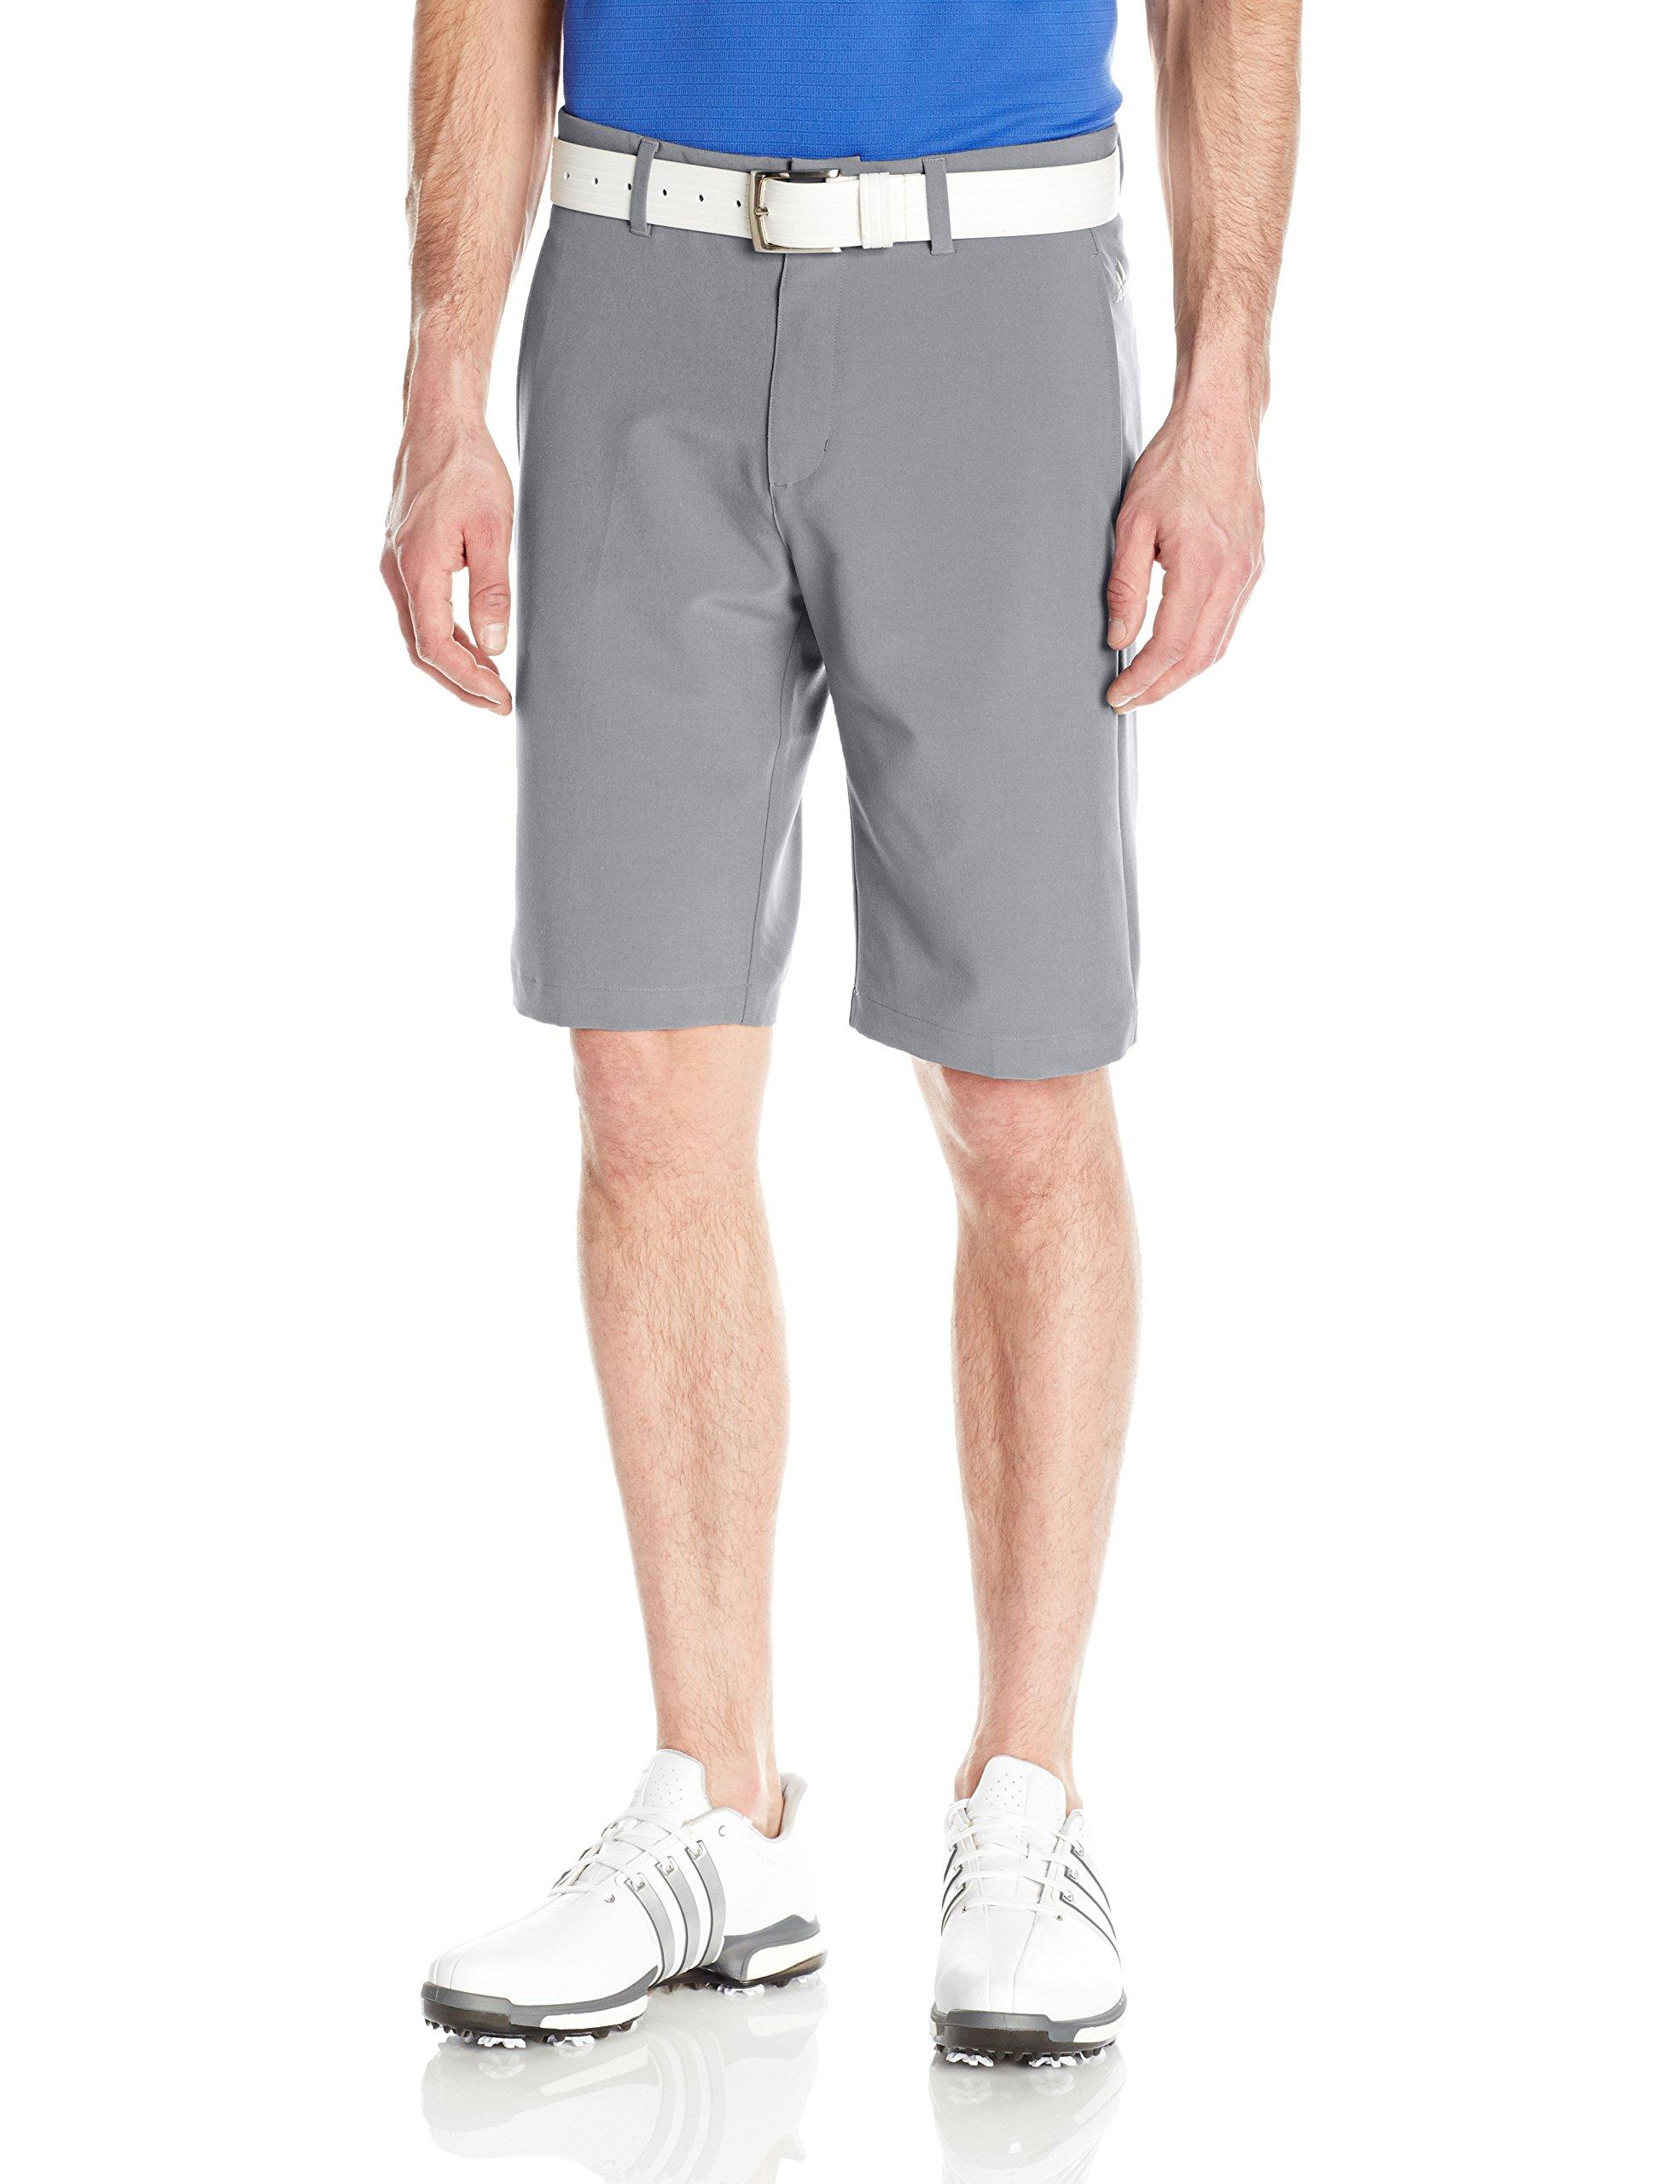 adidas Golf Ultimate+ 3-Stripes Short, Mid Grey, 30'' by adidas